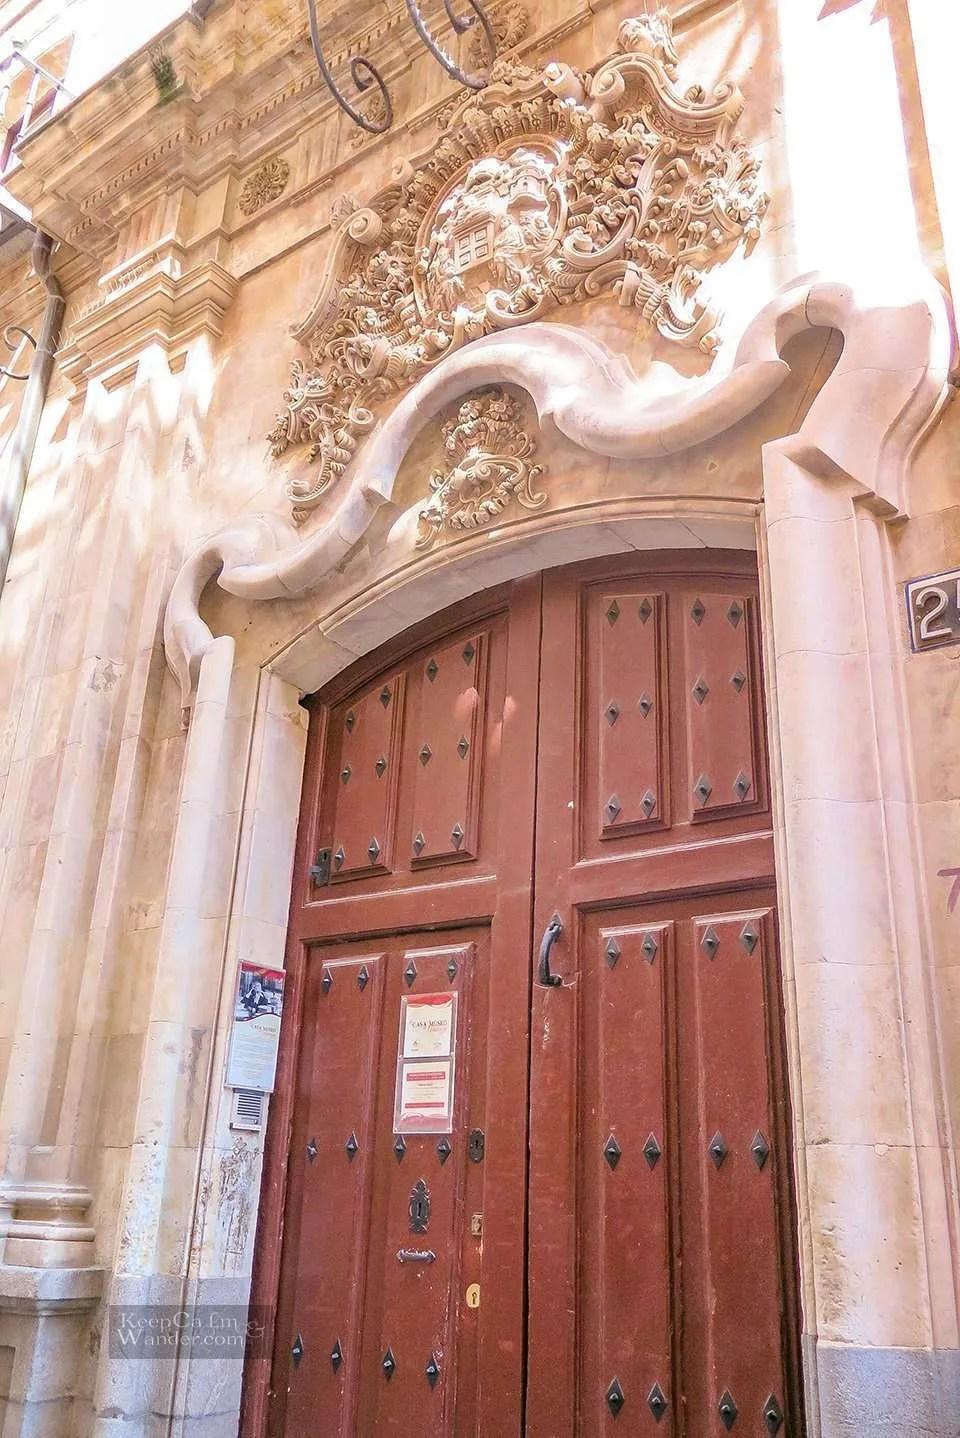 Miguel de Unamuno Office / Casa / Museo - One Day in Salamanca (Spain).